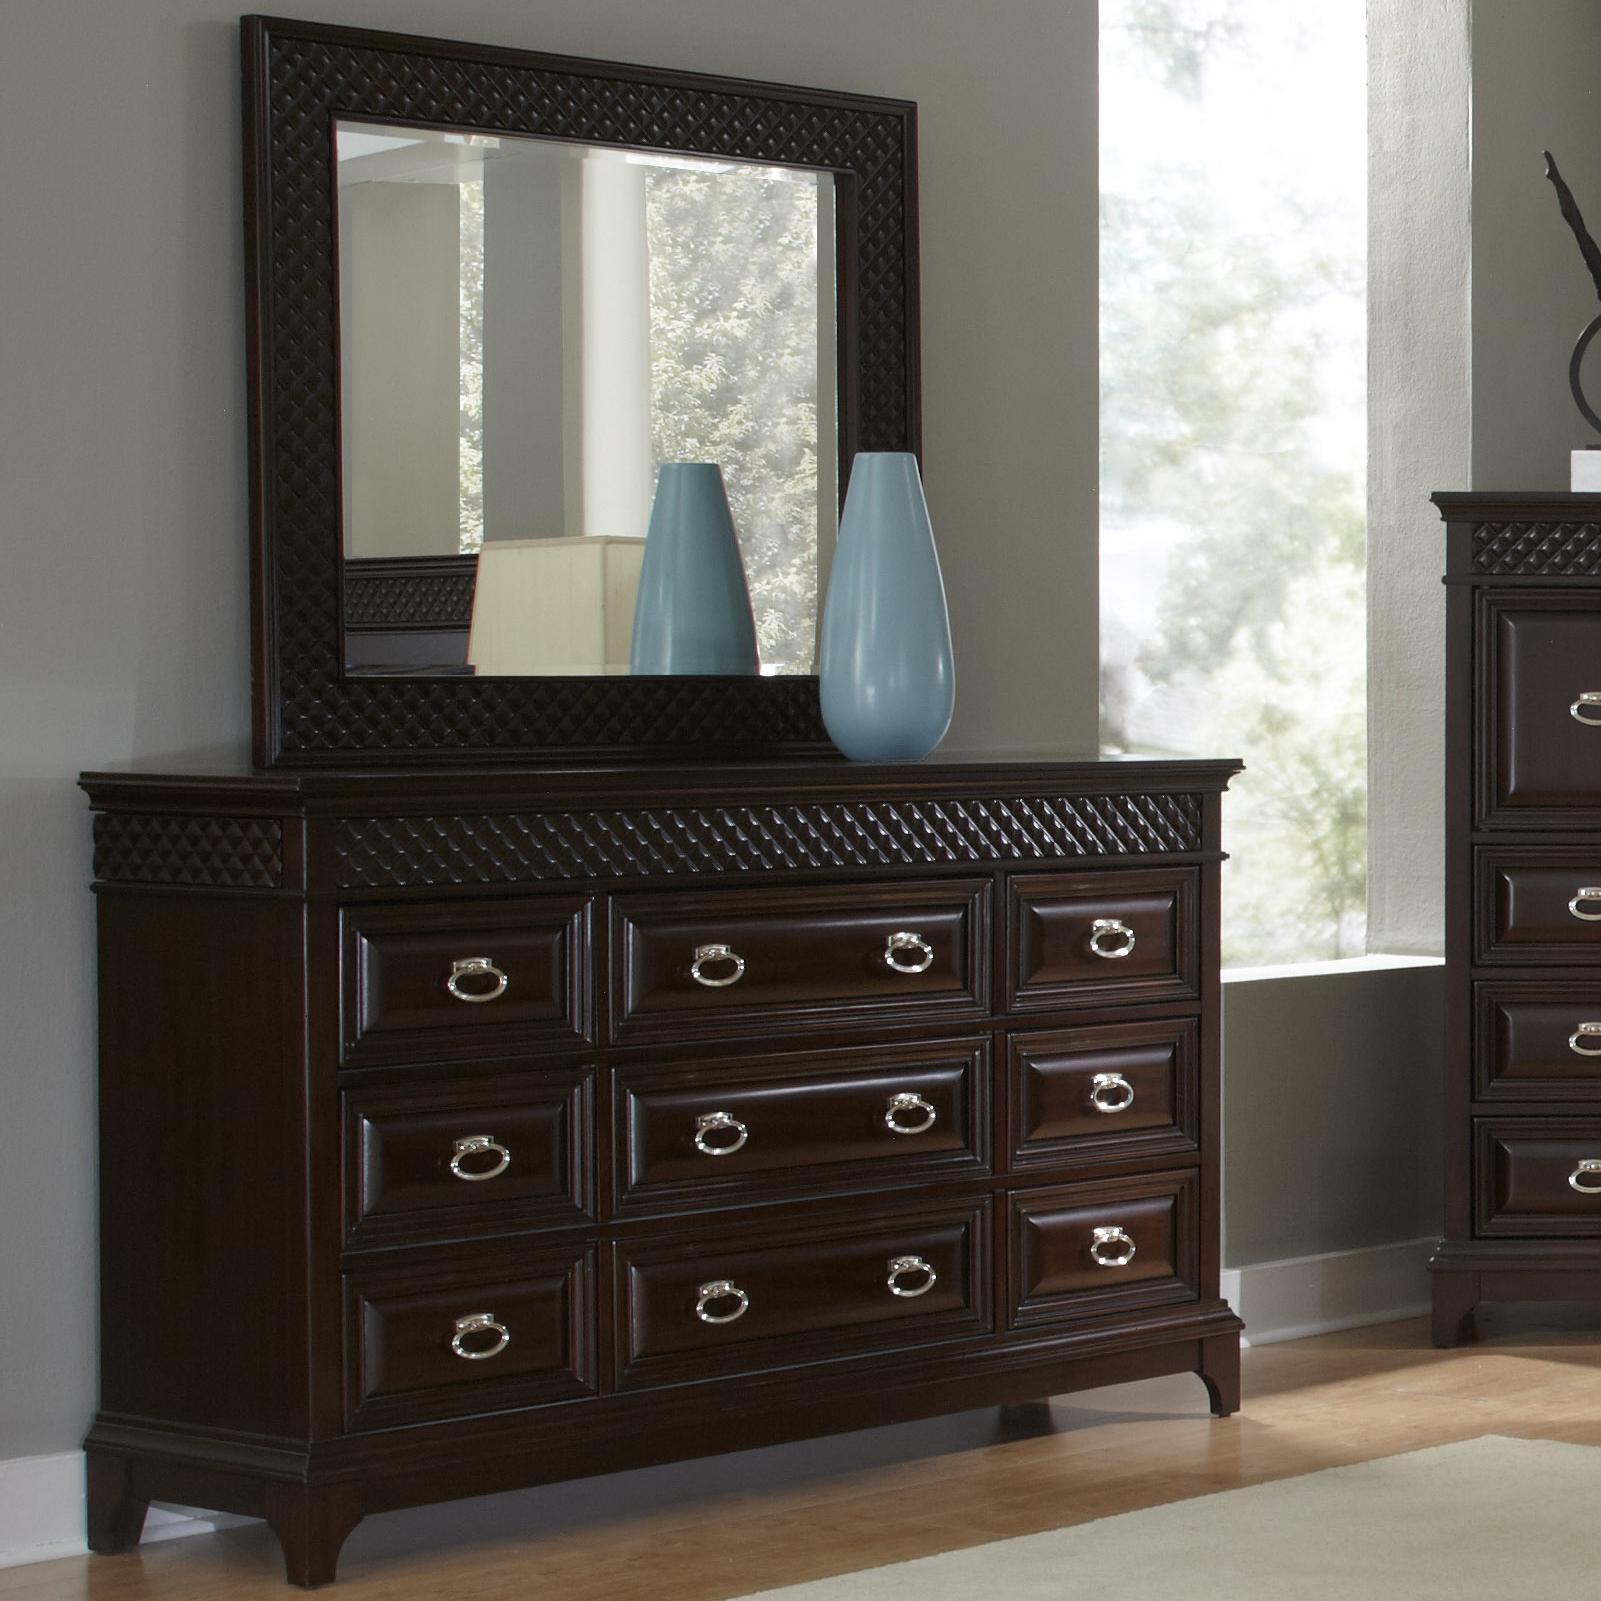 Najarian Sonoma Dresser with Landscape Mirror - Item Number: BRSONDR+MR